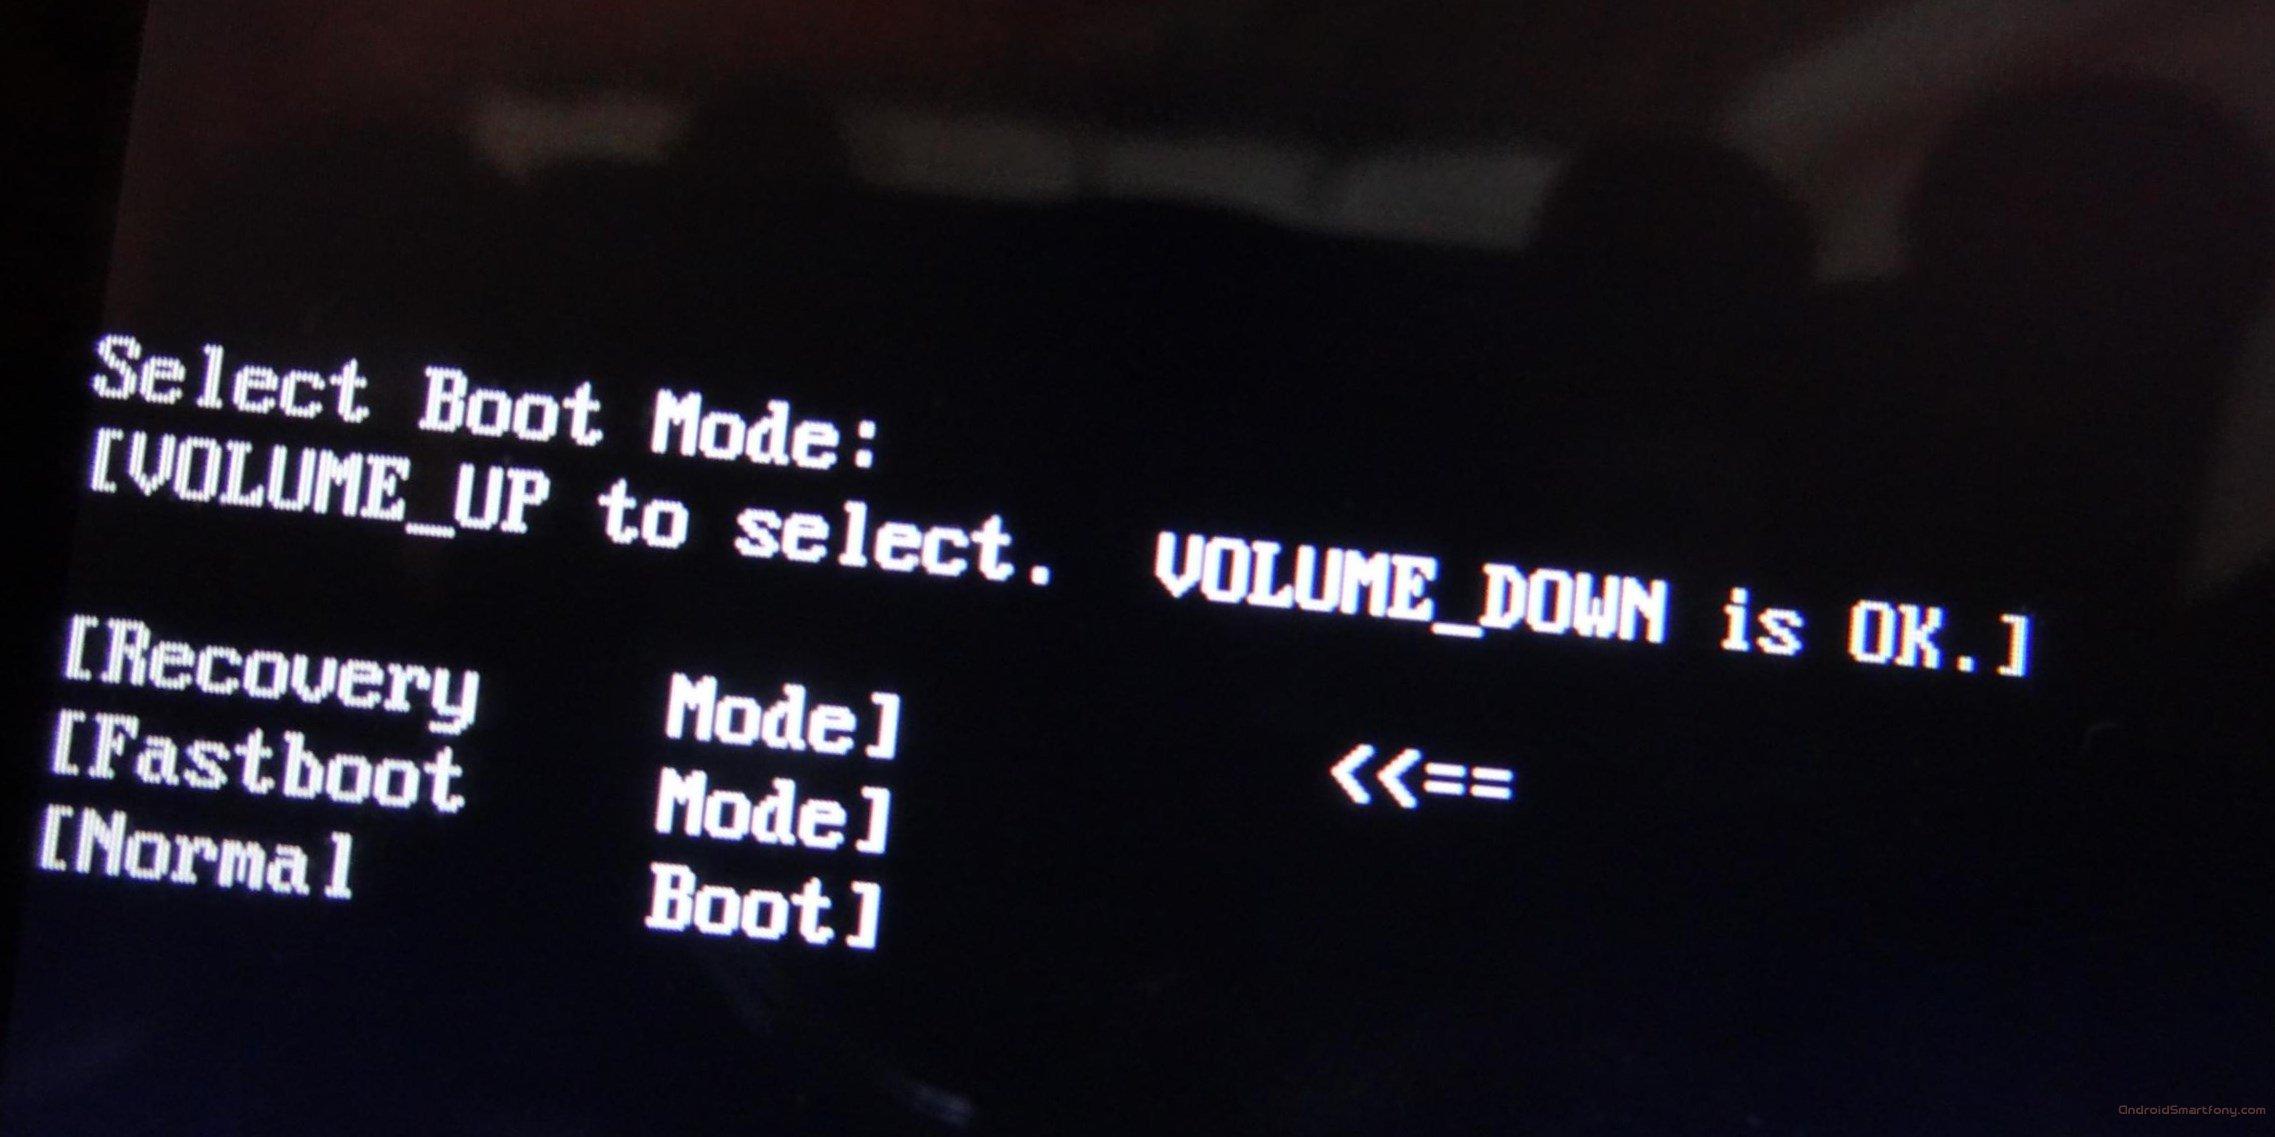 как сбросить систему на андроиде инструкция?